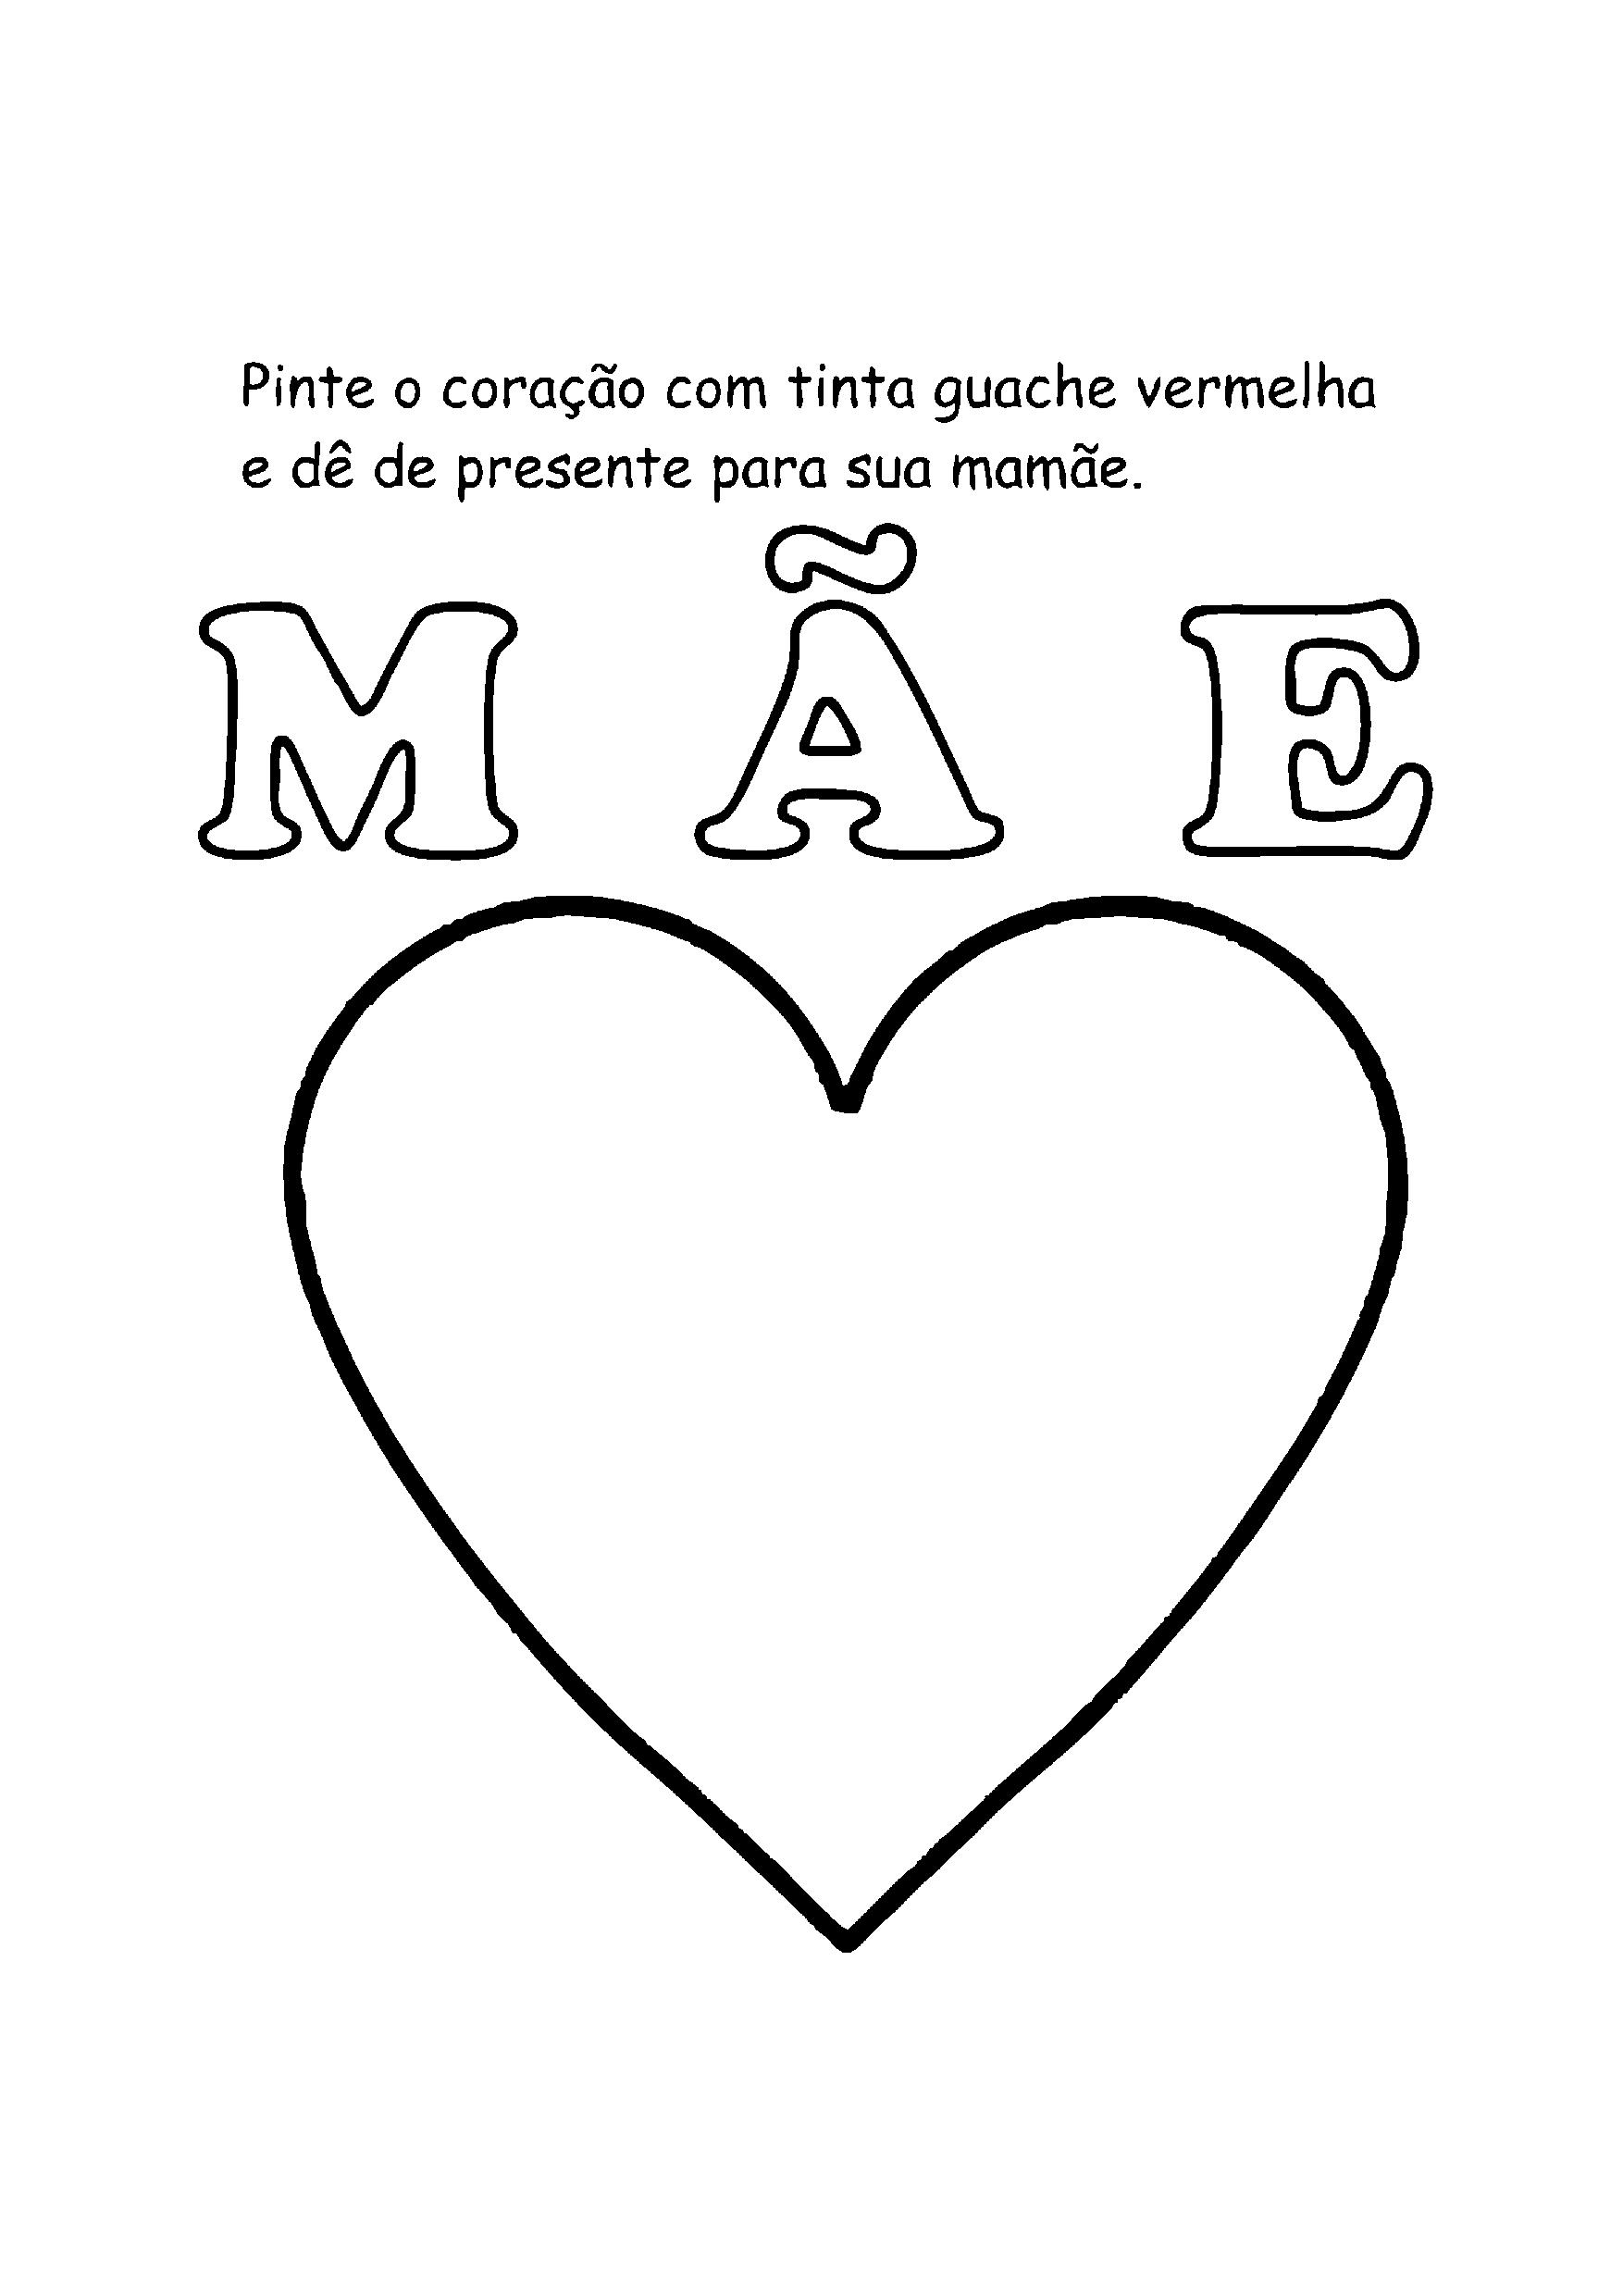 Pintar o coração com guache